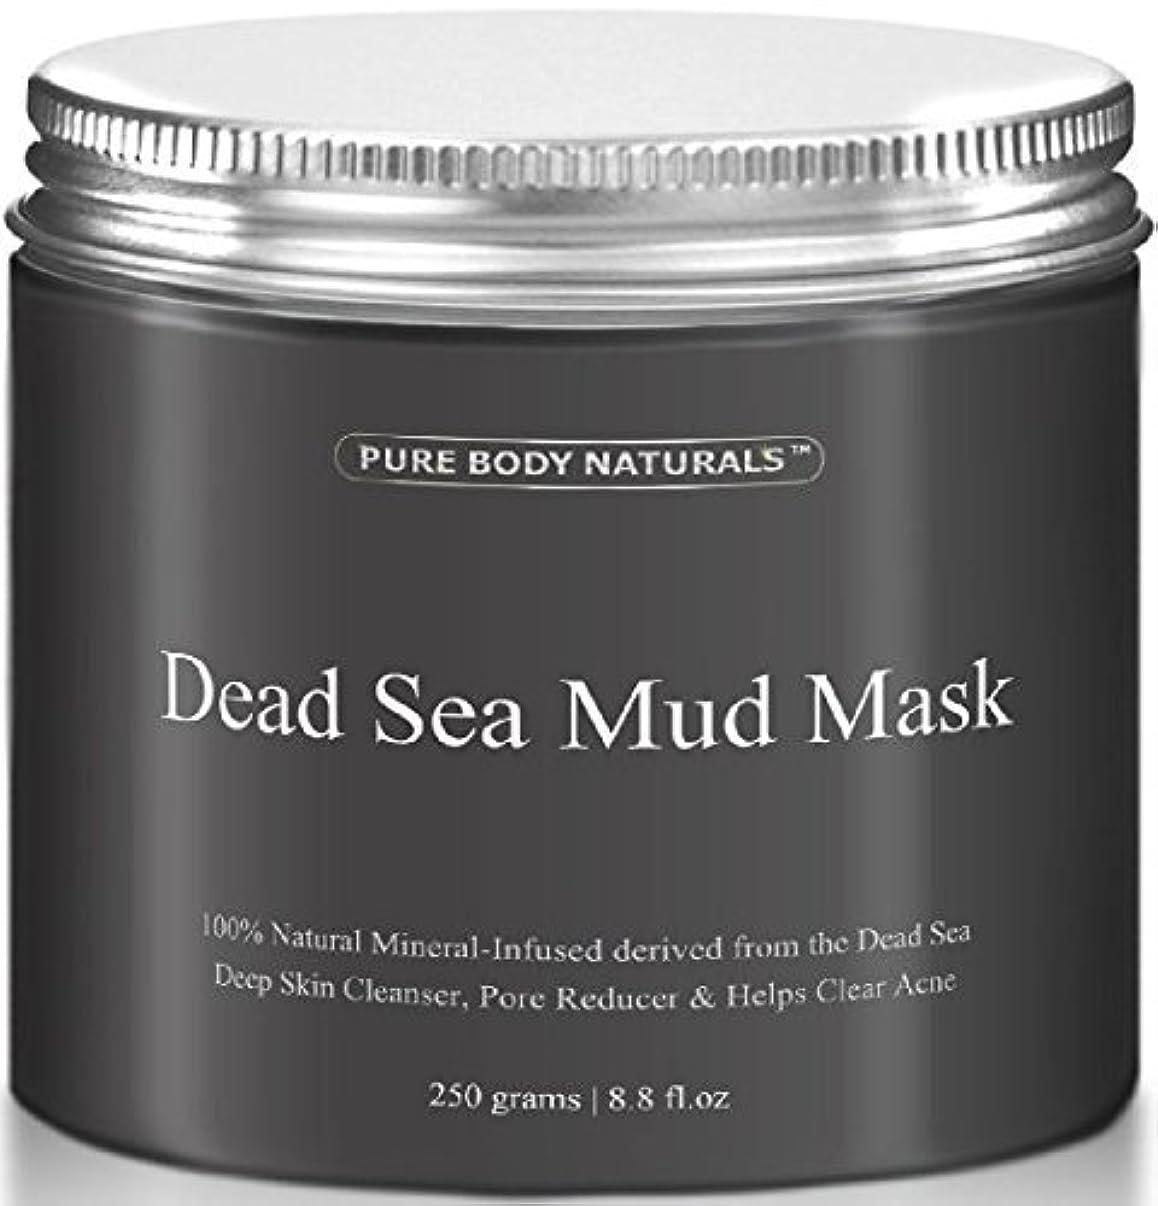 素子返済混合したDead Sea Mud Mask 死海の泥マスク 250g [並行輸入品]